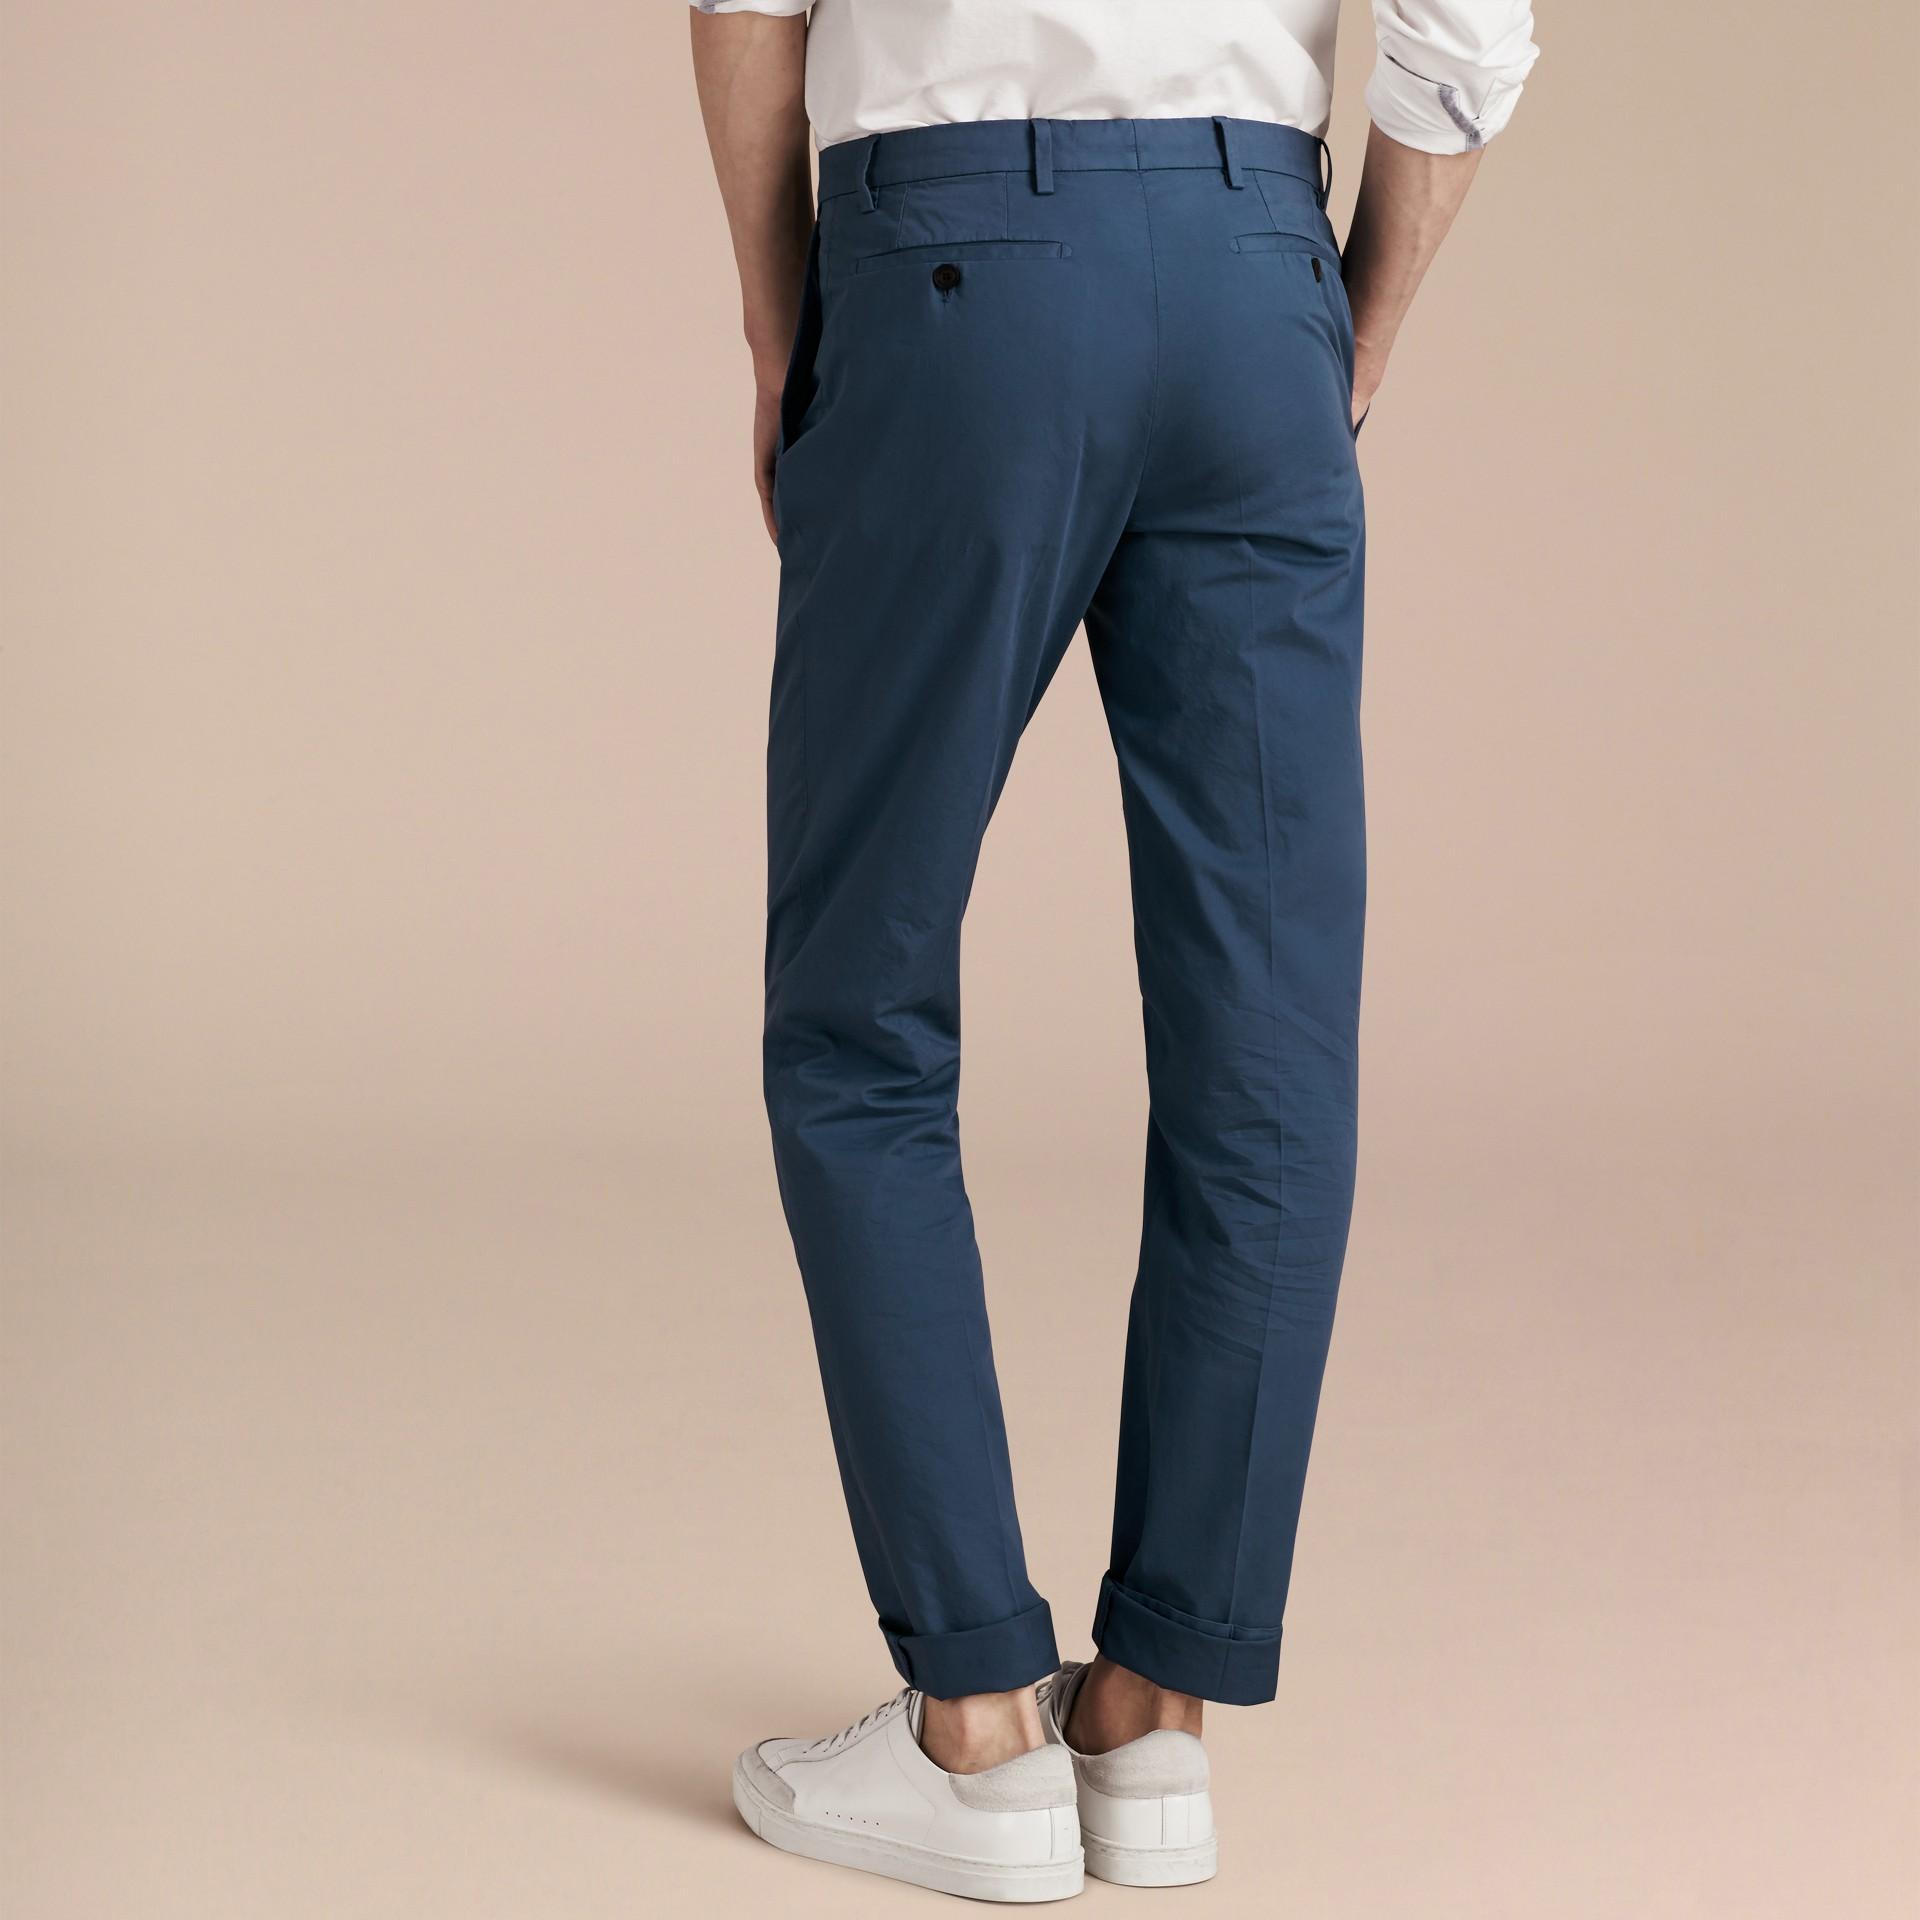 Яркий голубовато-стальной Узкие брюки из эластичной ткани Яркий Голубовато-стальной - изображение 3